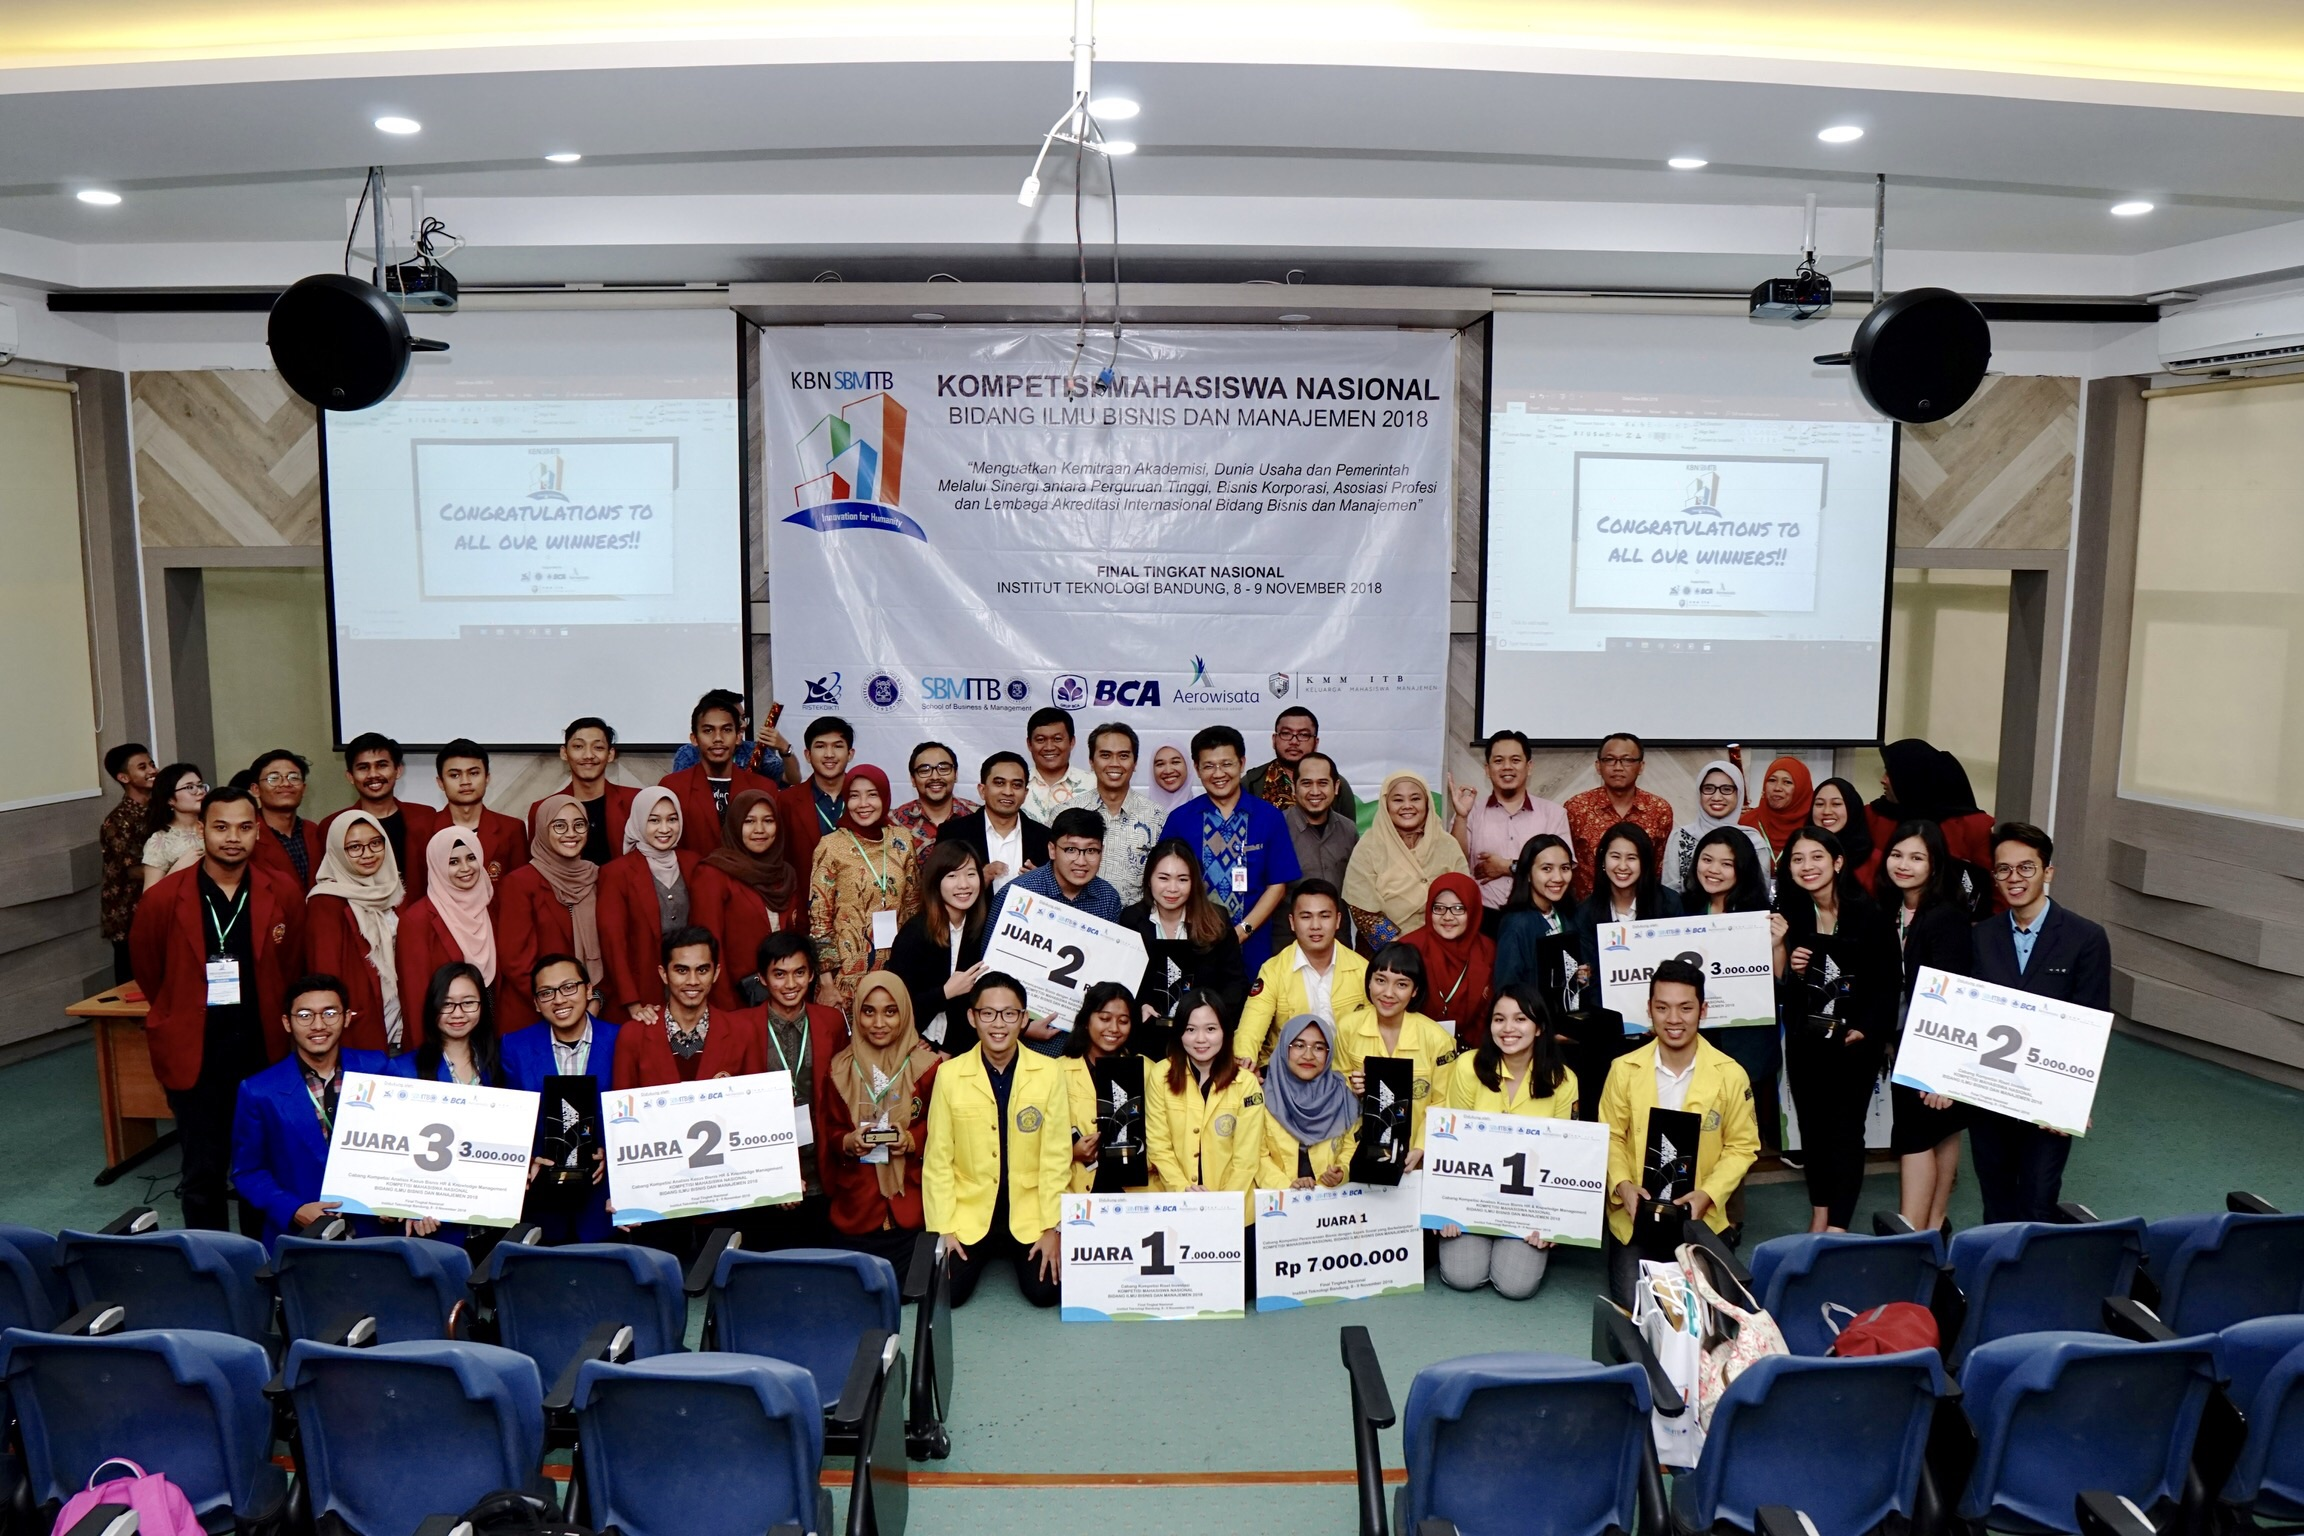 itb-juara-2-kompetisi-riset-investasi